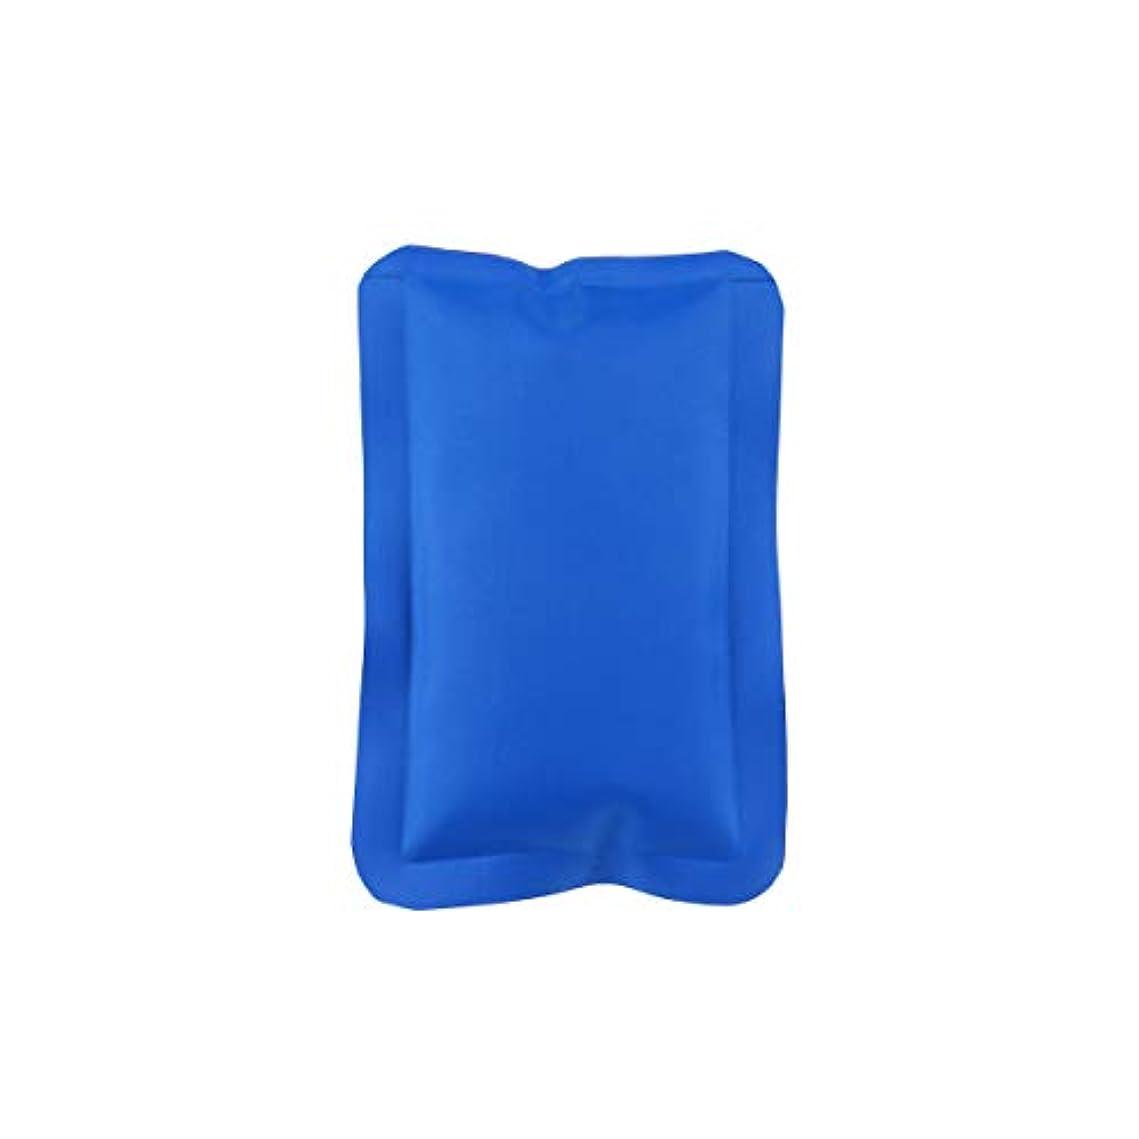 不調和登る適応的HEALLILY 150ML再利用可能なホット&コールドジェルパック(コンプレッションラップスポーツ傷害)ジェルアイスパック多目的ヒートパック(マッスルリリーフ用、16x10x1cm、ブルー)